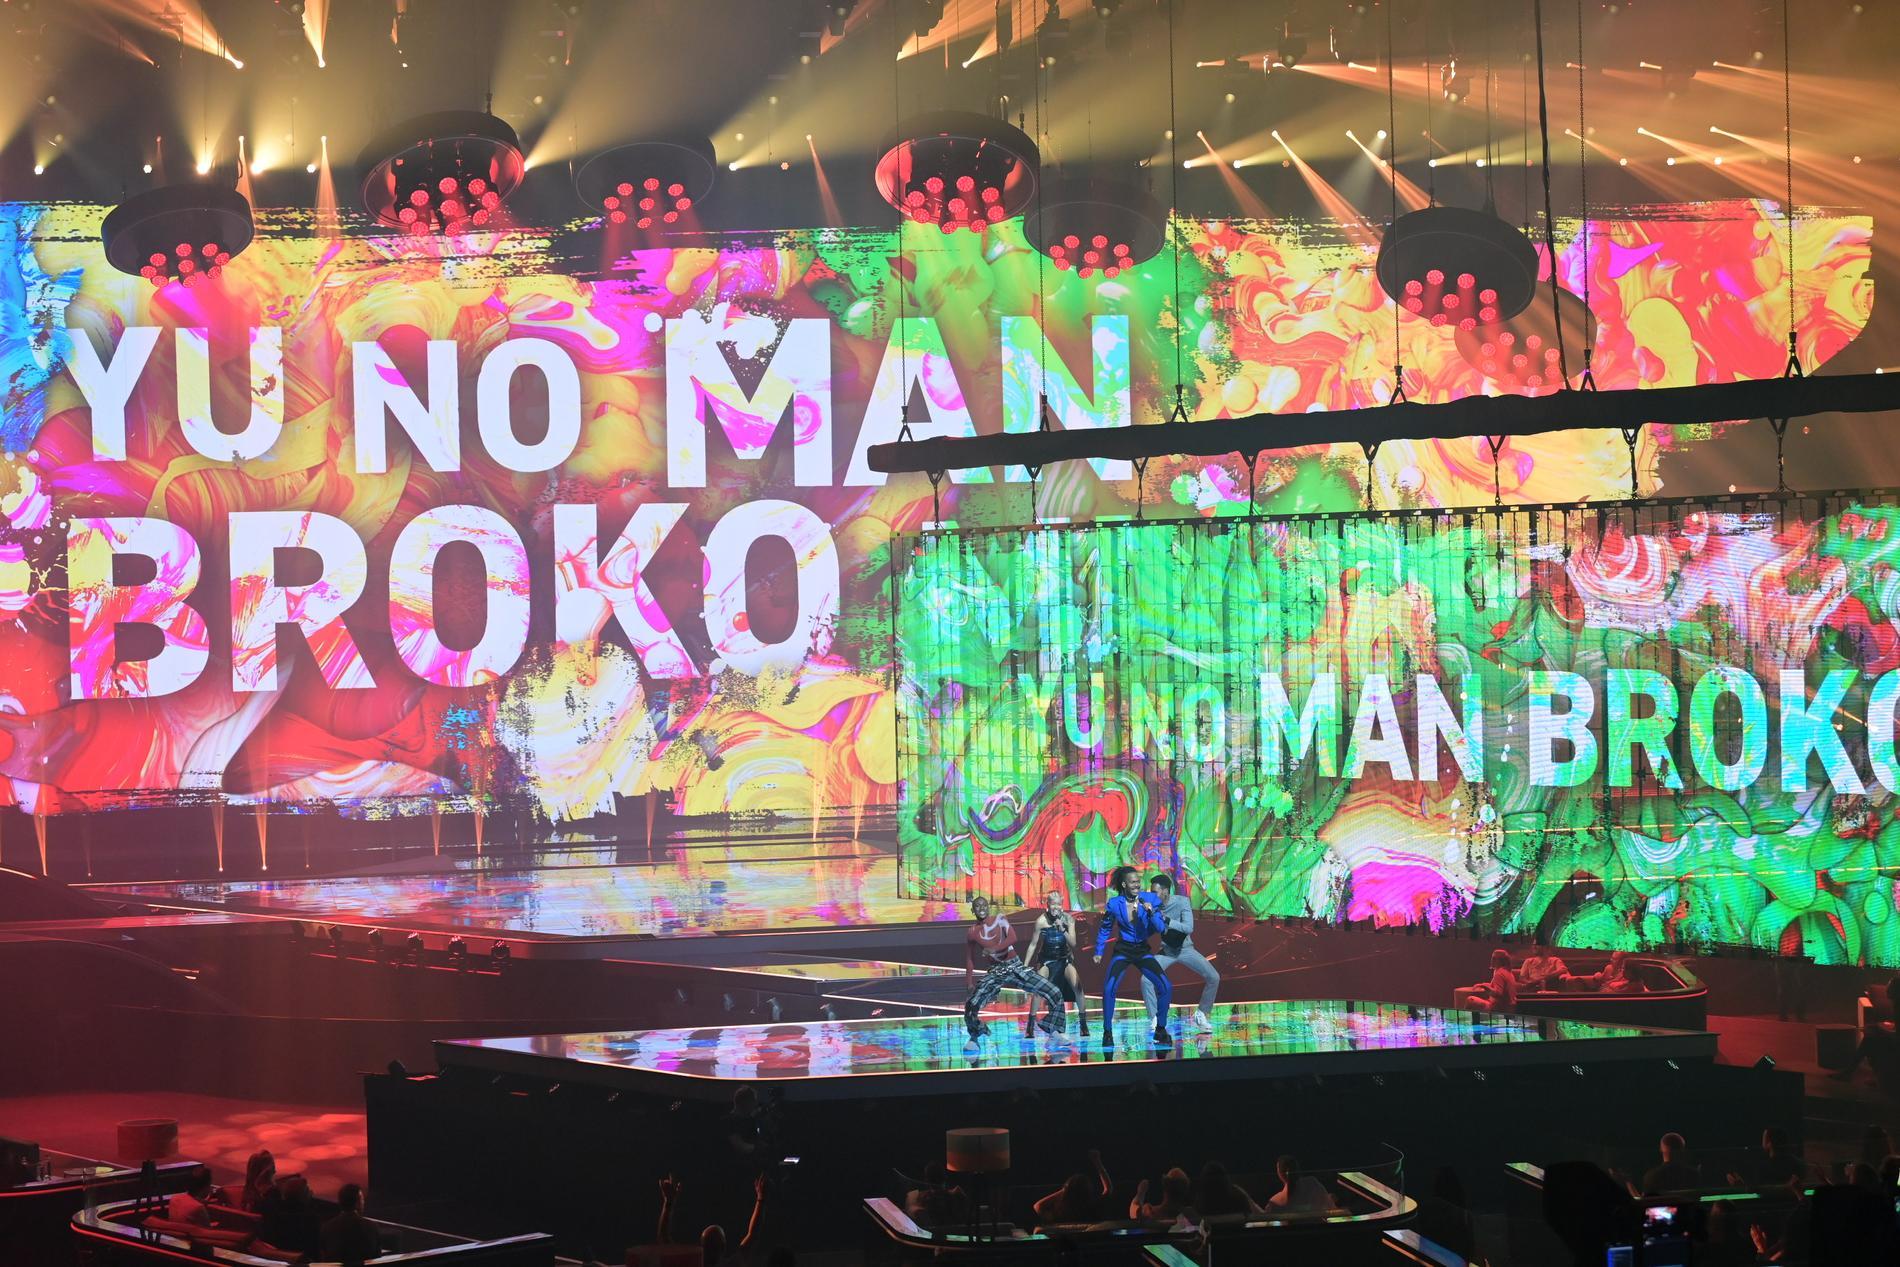 Låttexten visas på led-skärmarna på Eurovision-scenen...